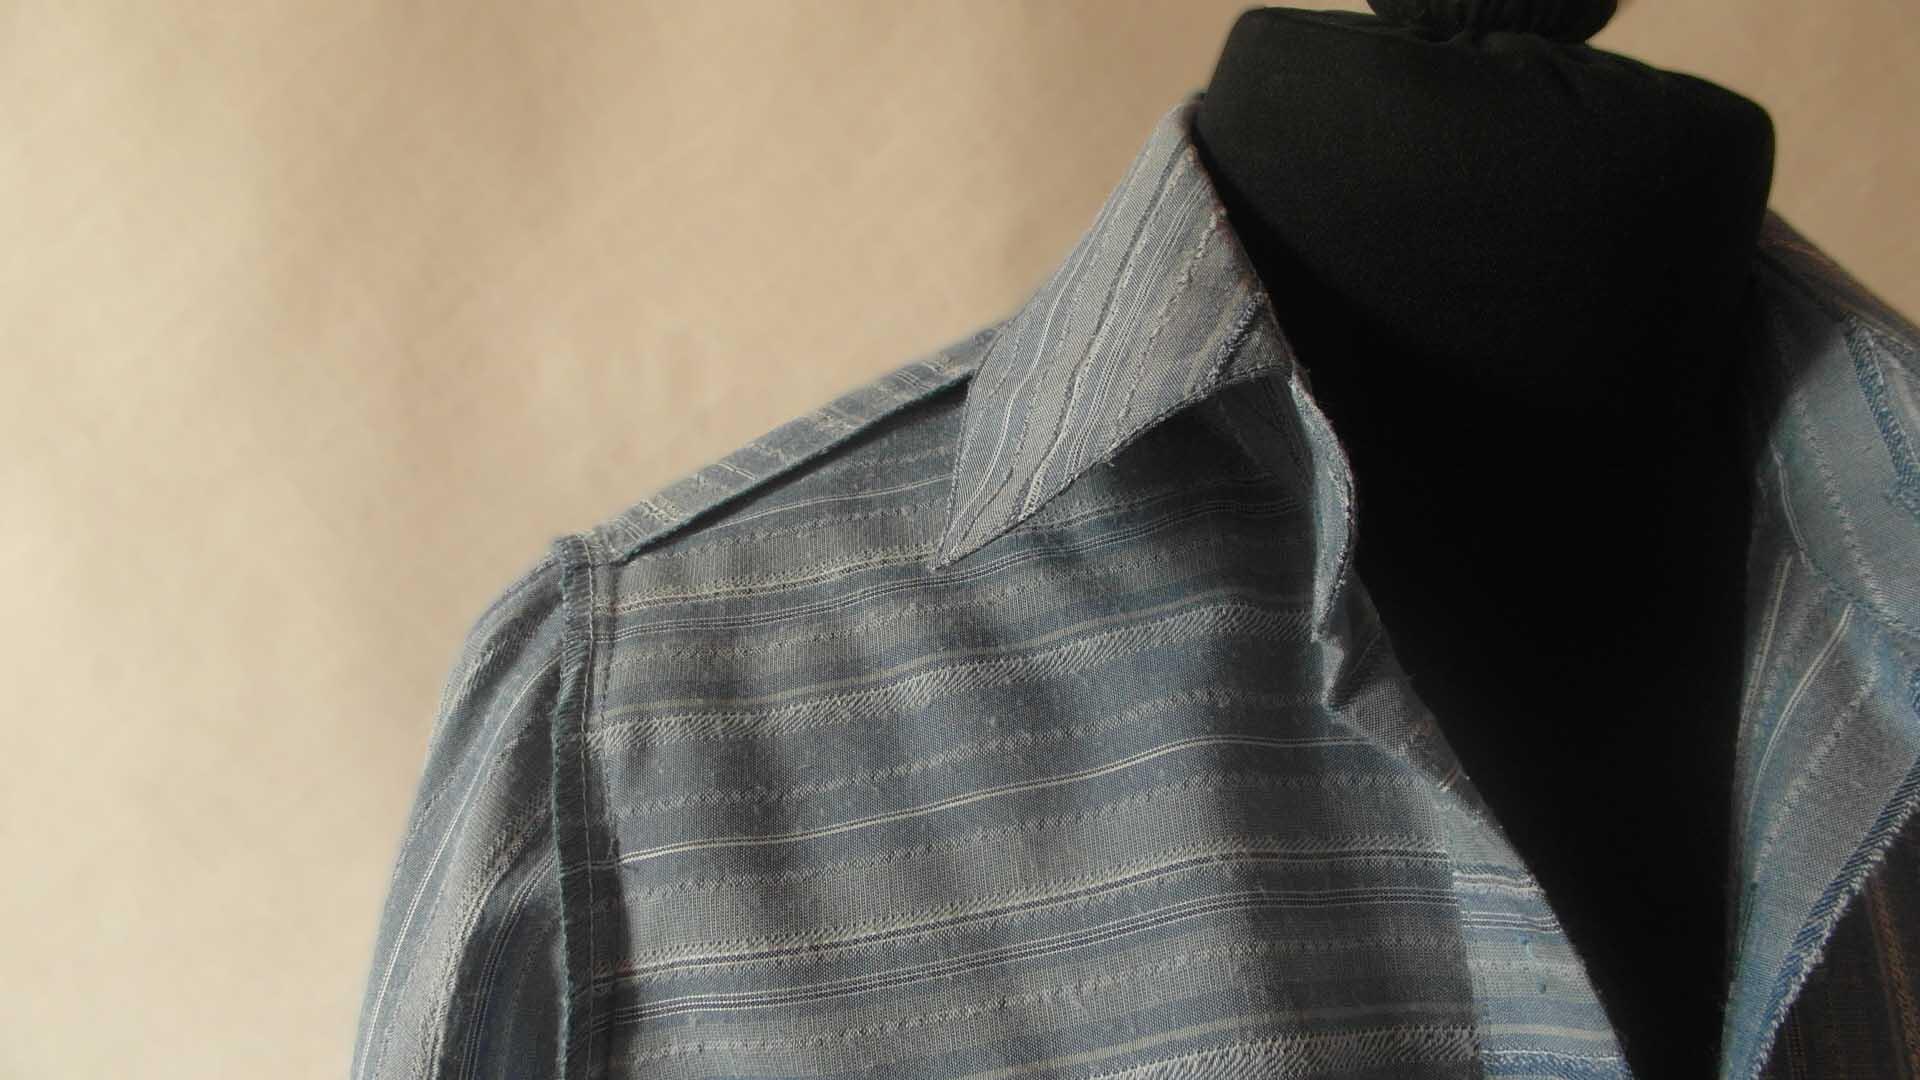 Платье-рубашка это дань моде, или реально стильная и удобная одежда?